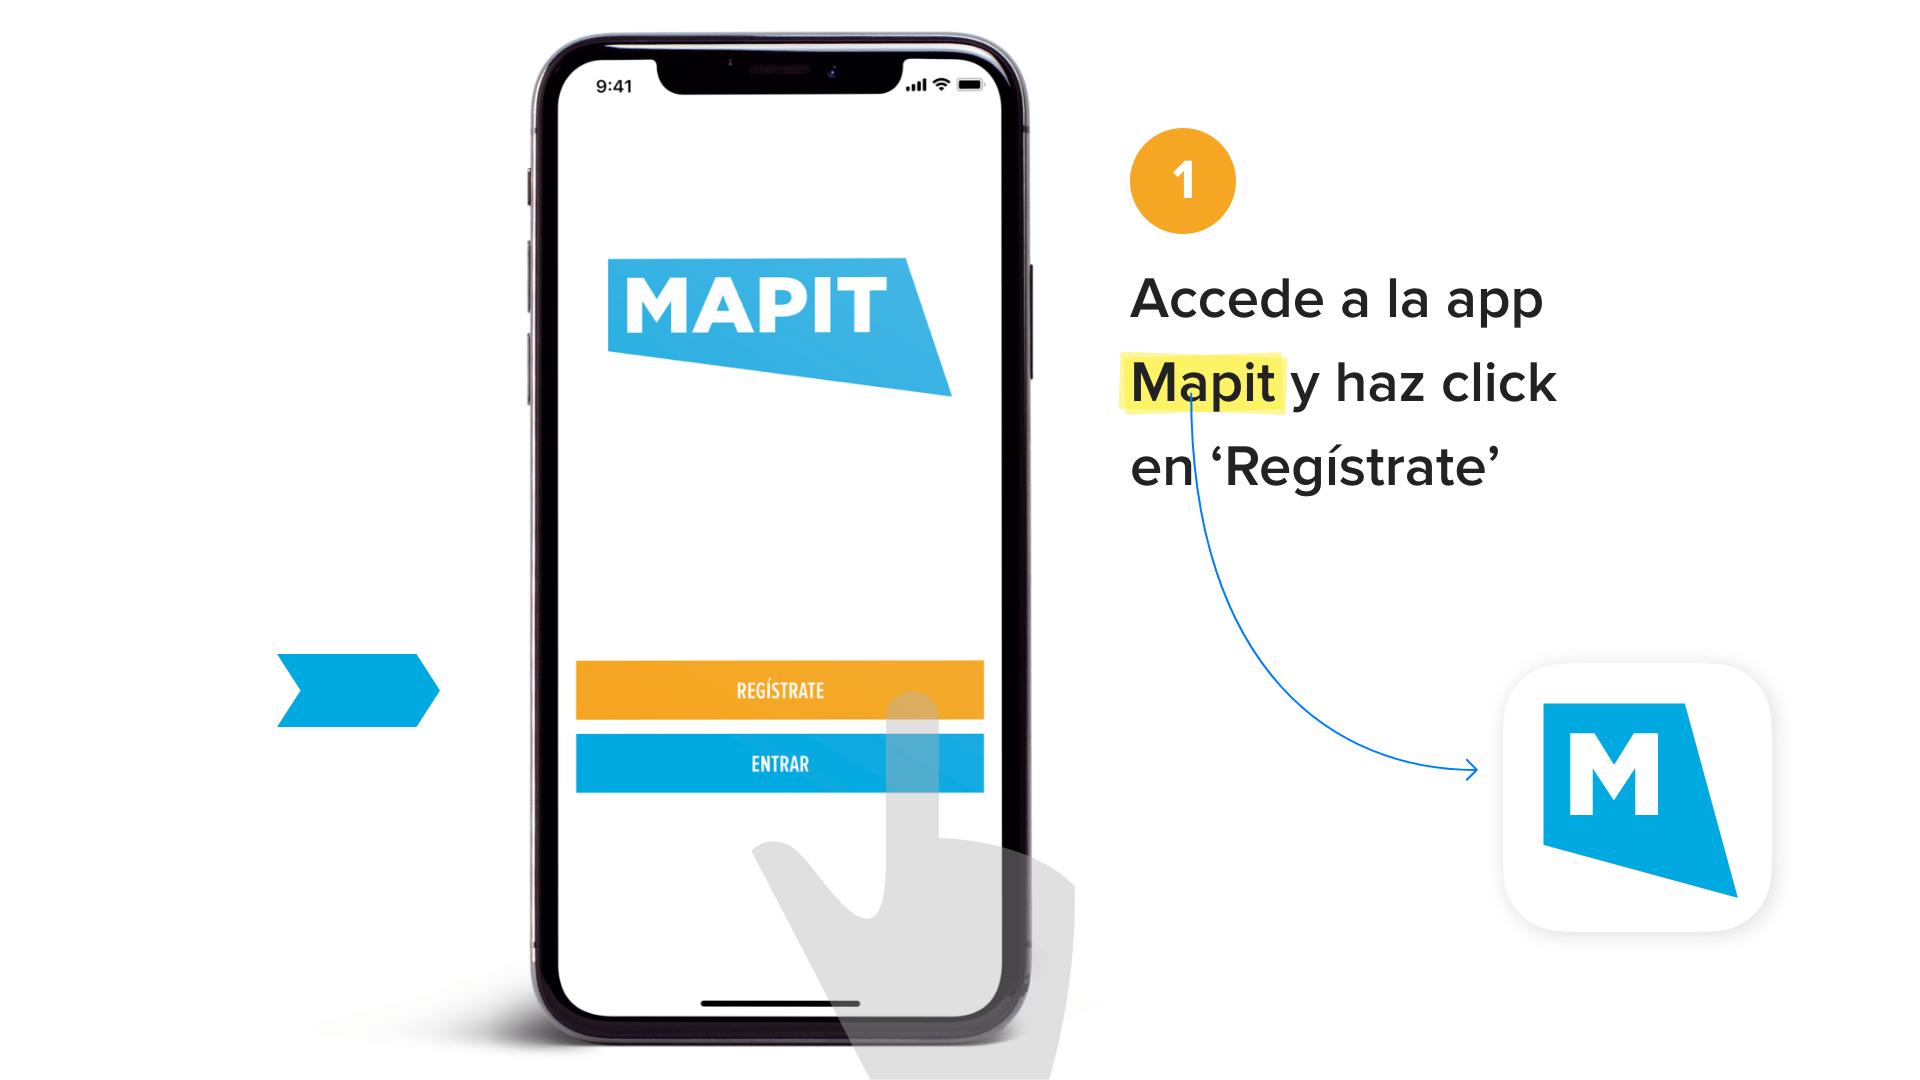 Accede a la app Mapit y haz click en 'Registrate'